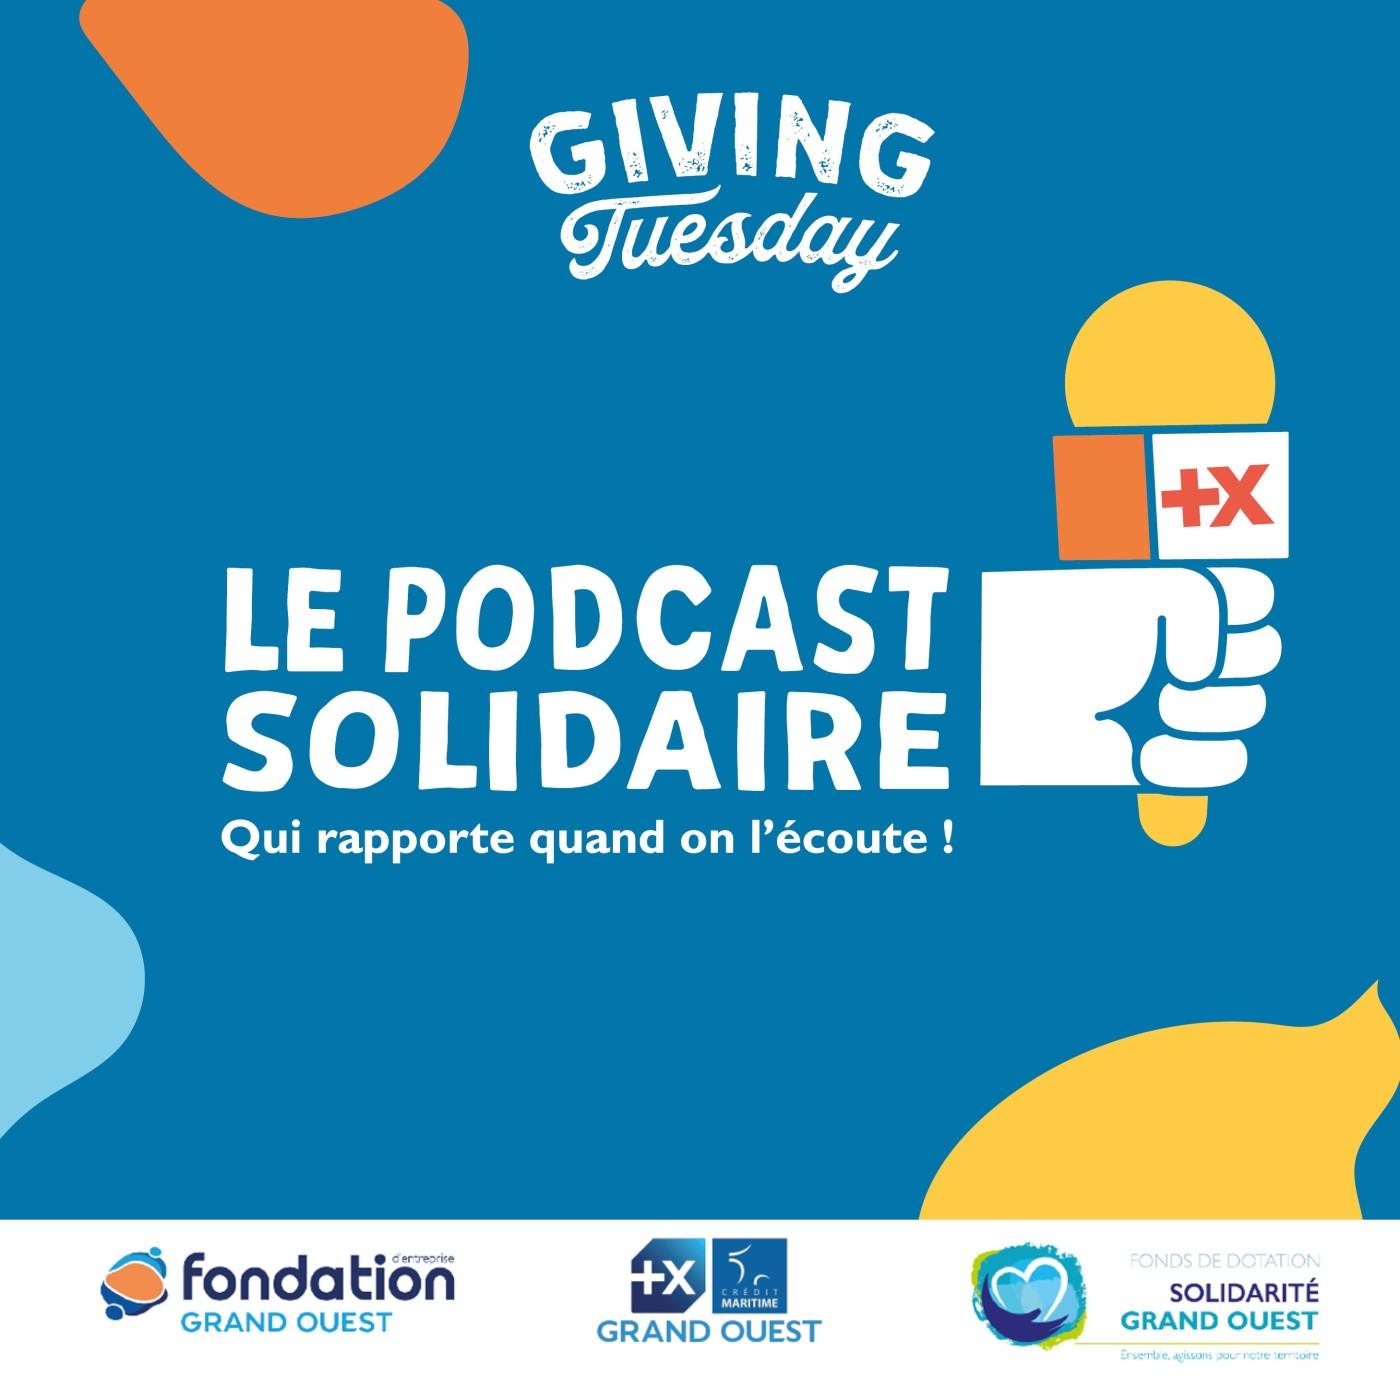 Bande annonce, LE PODCAST SOLIDAIRE avec Solidarité Grand Ouest